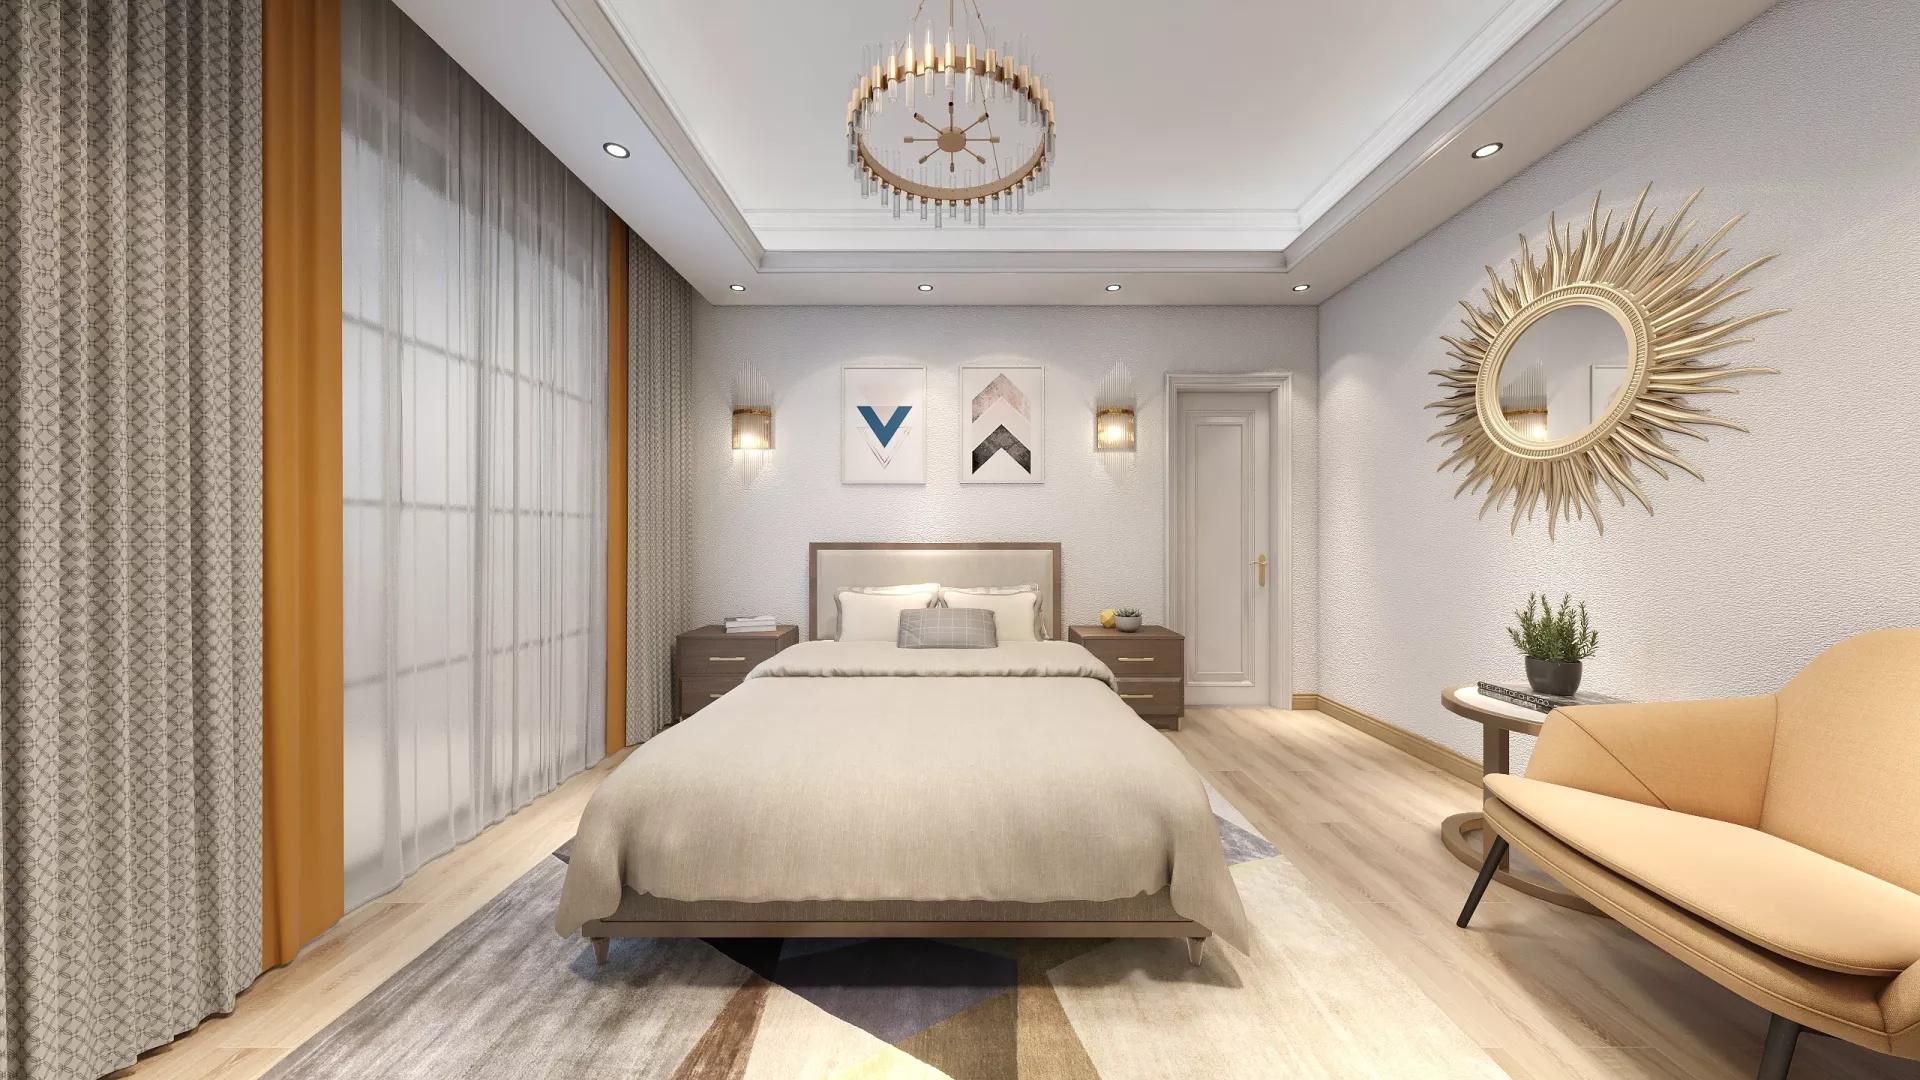 室內裝飾畫分類介紹 室內哪些區域掛裝飾畫